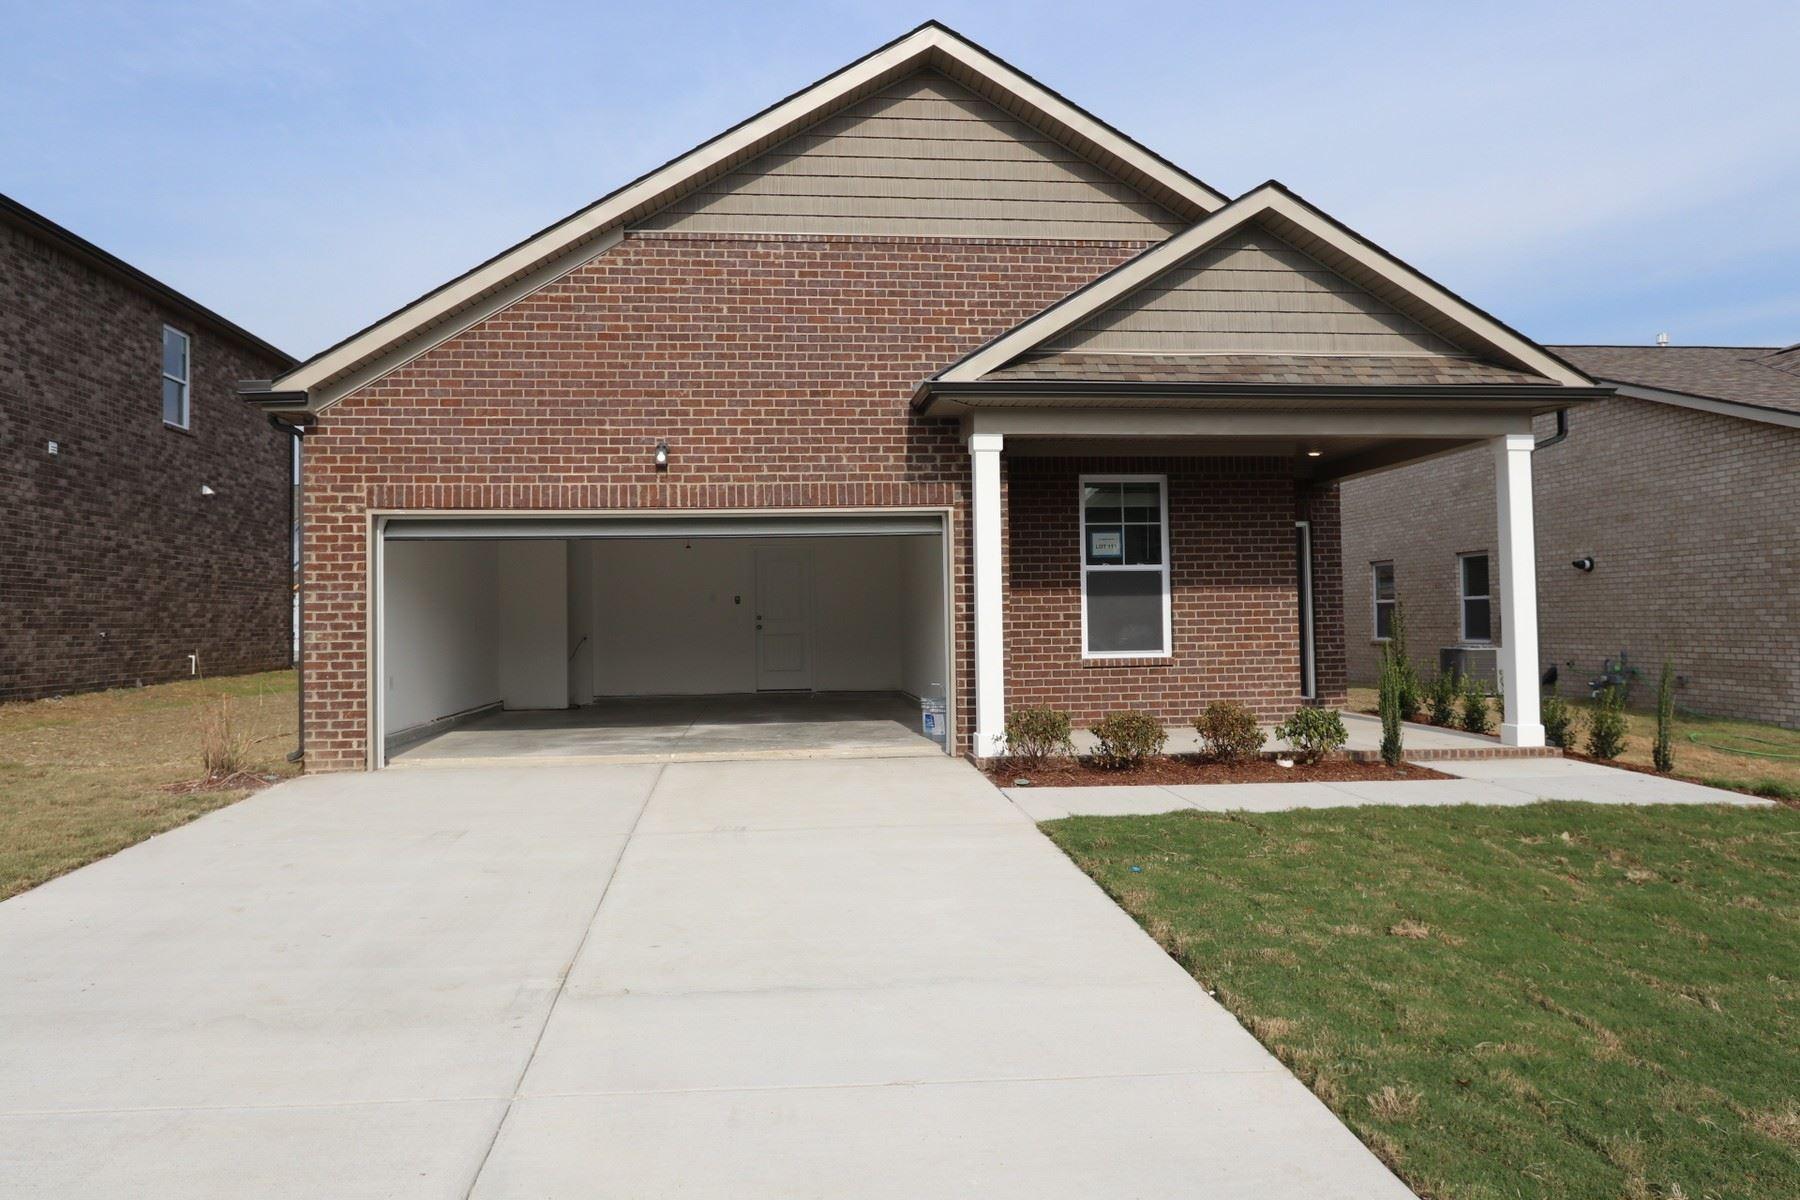 325 Burnley Way (Lot 184), Murfreesboro, TN 37128 - MLS#: 2264261